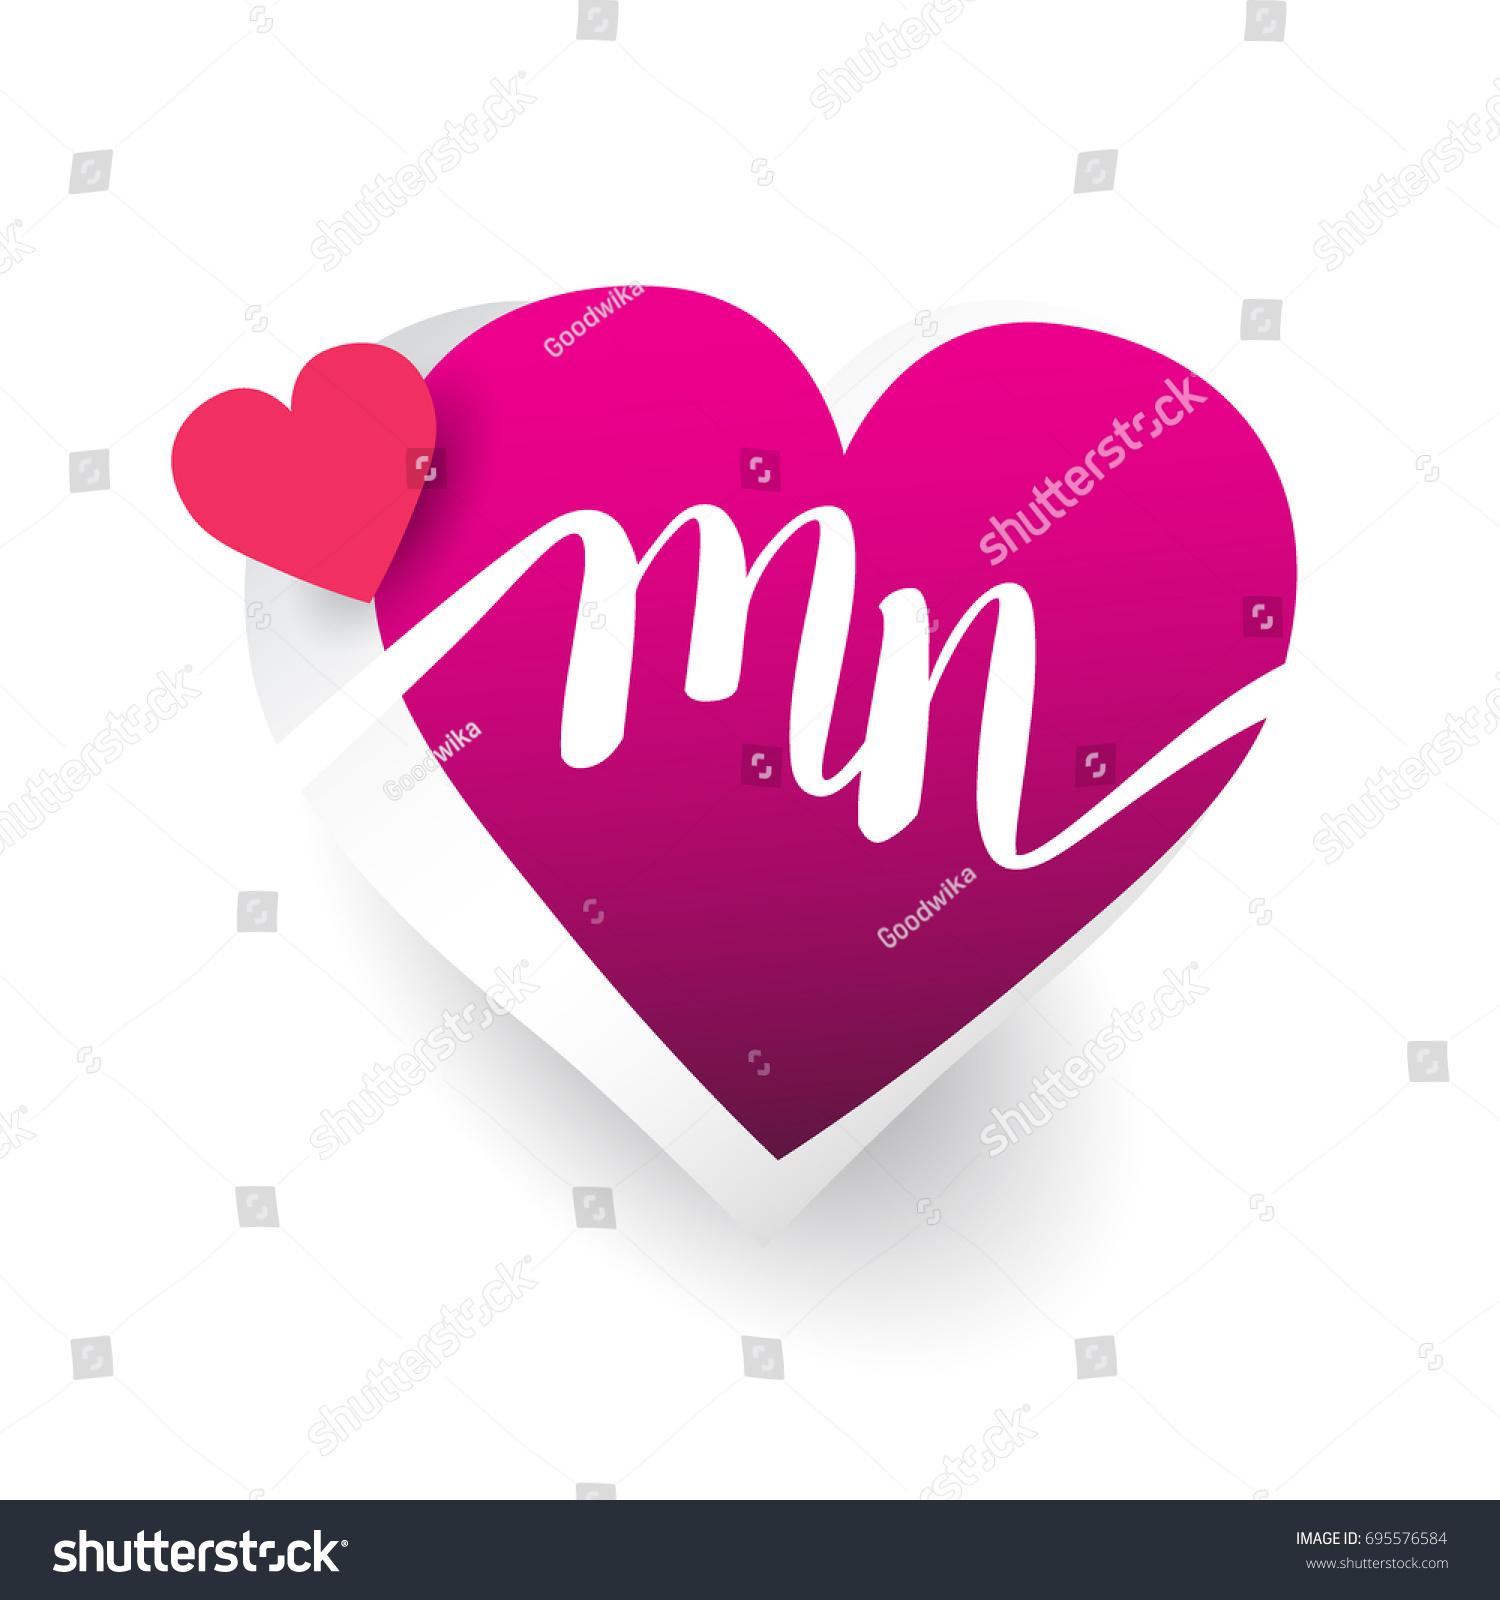 Initial Logo Letter Mn Heart Shape Image Vectorielle De Stock Libre